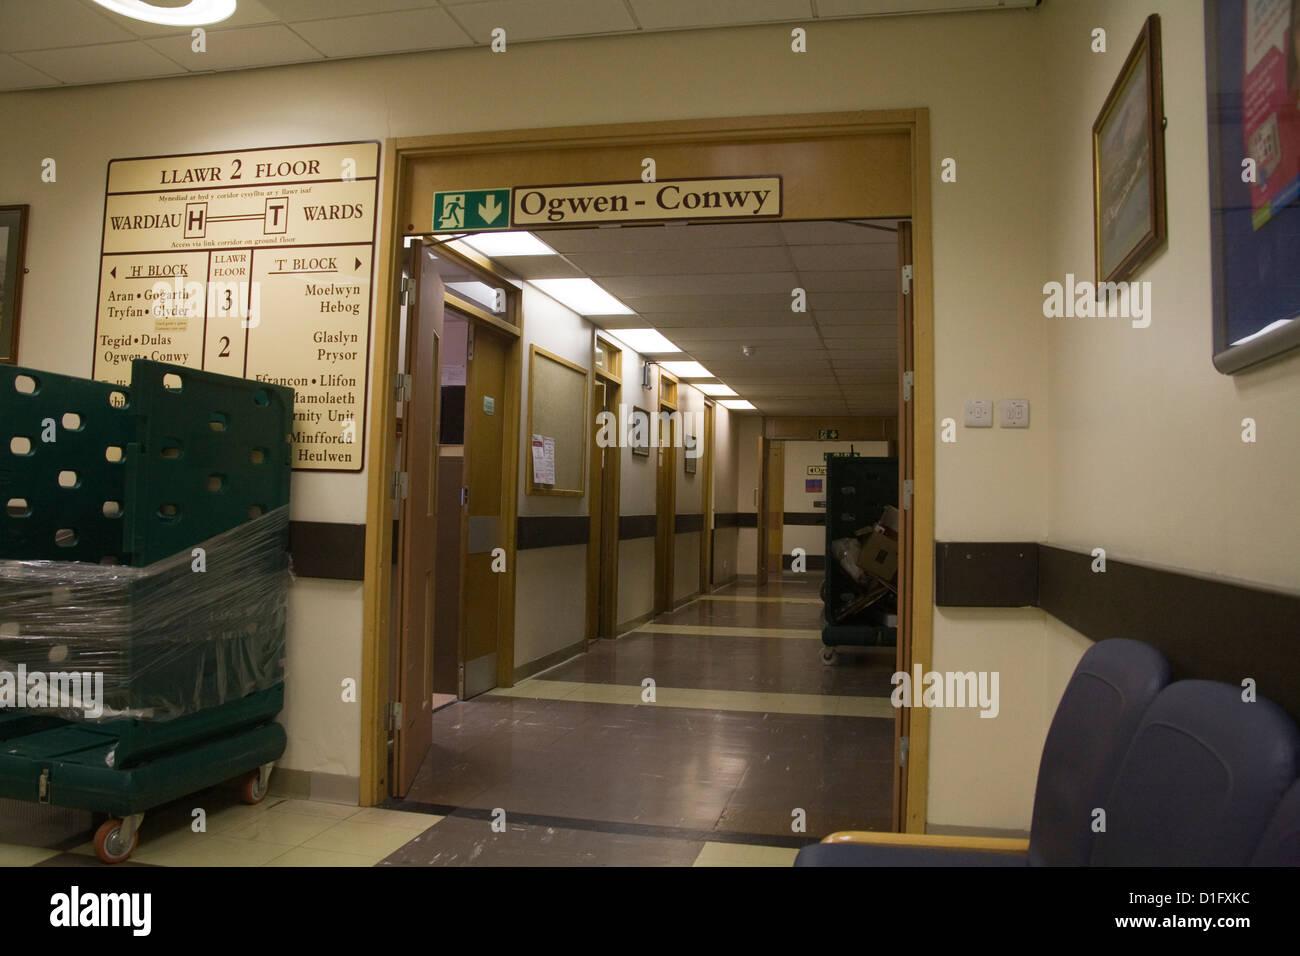 Ysbyty Gwynedd Bangor North Wales Entrance to 2nd Floor Wards in Hospital - Stock Image